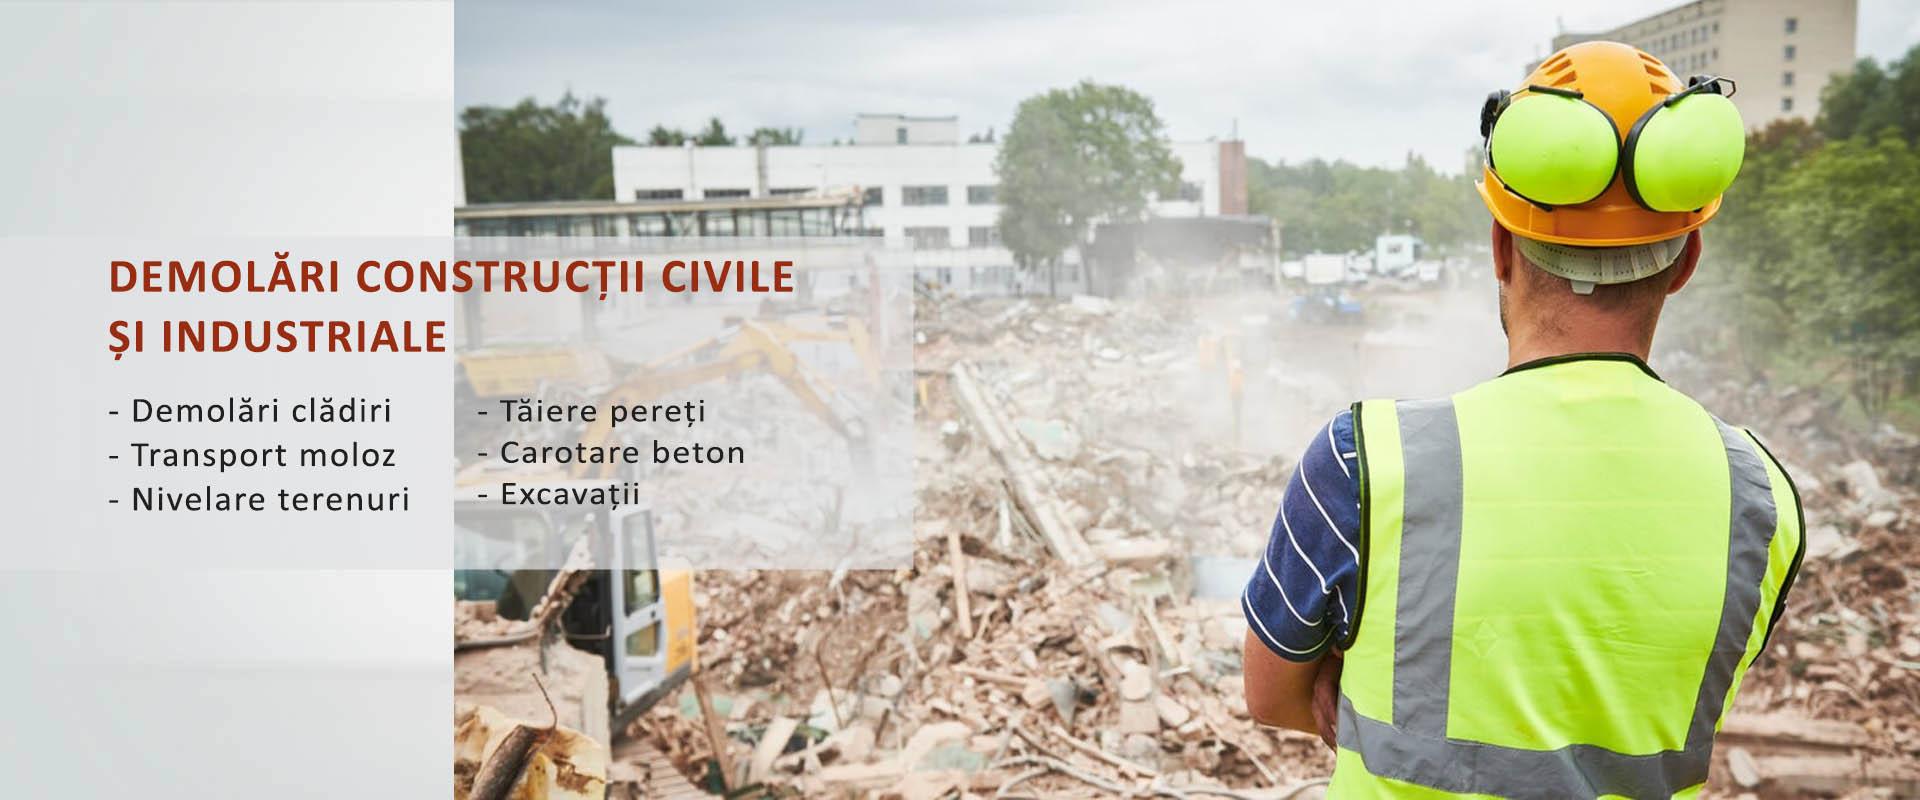 demolari constructii civile si industriale